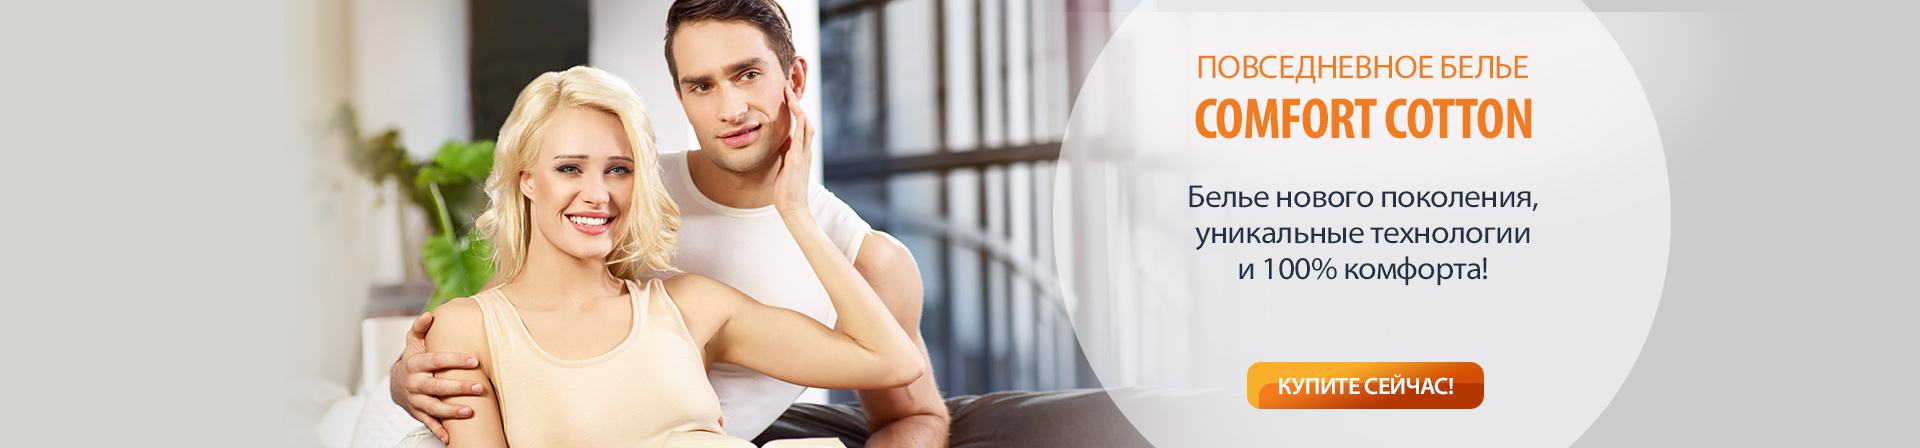 Сбор заказов.Распродажа и новинки уникального высокотехнологичного бесшовного белья ТМ Brubeck для мужчин и женщин